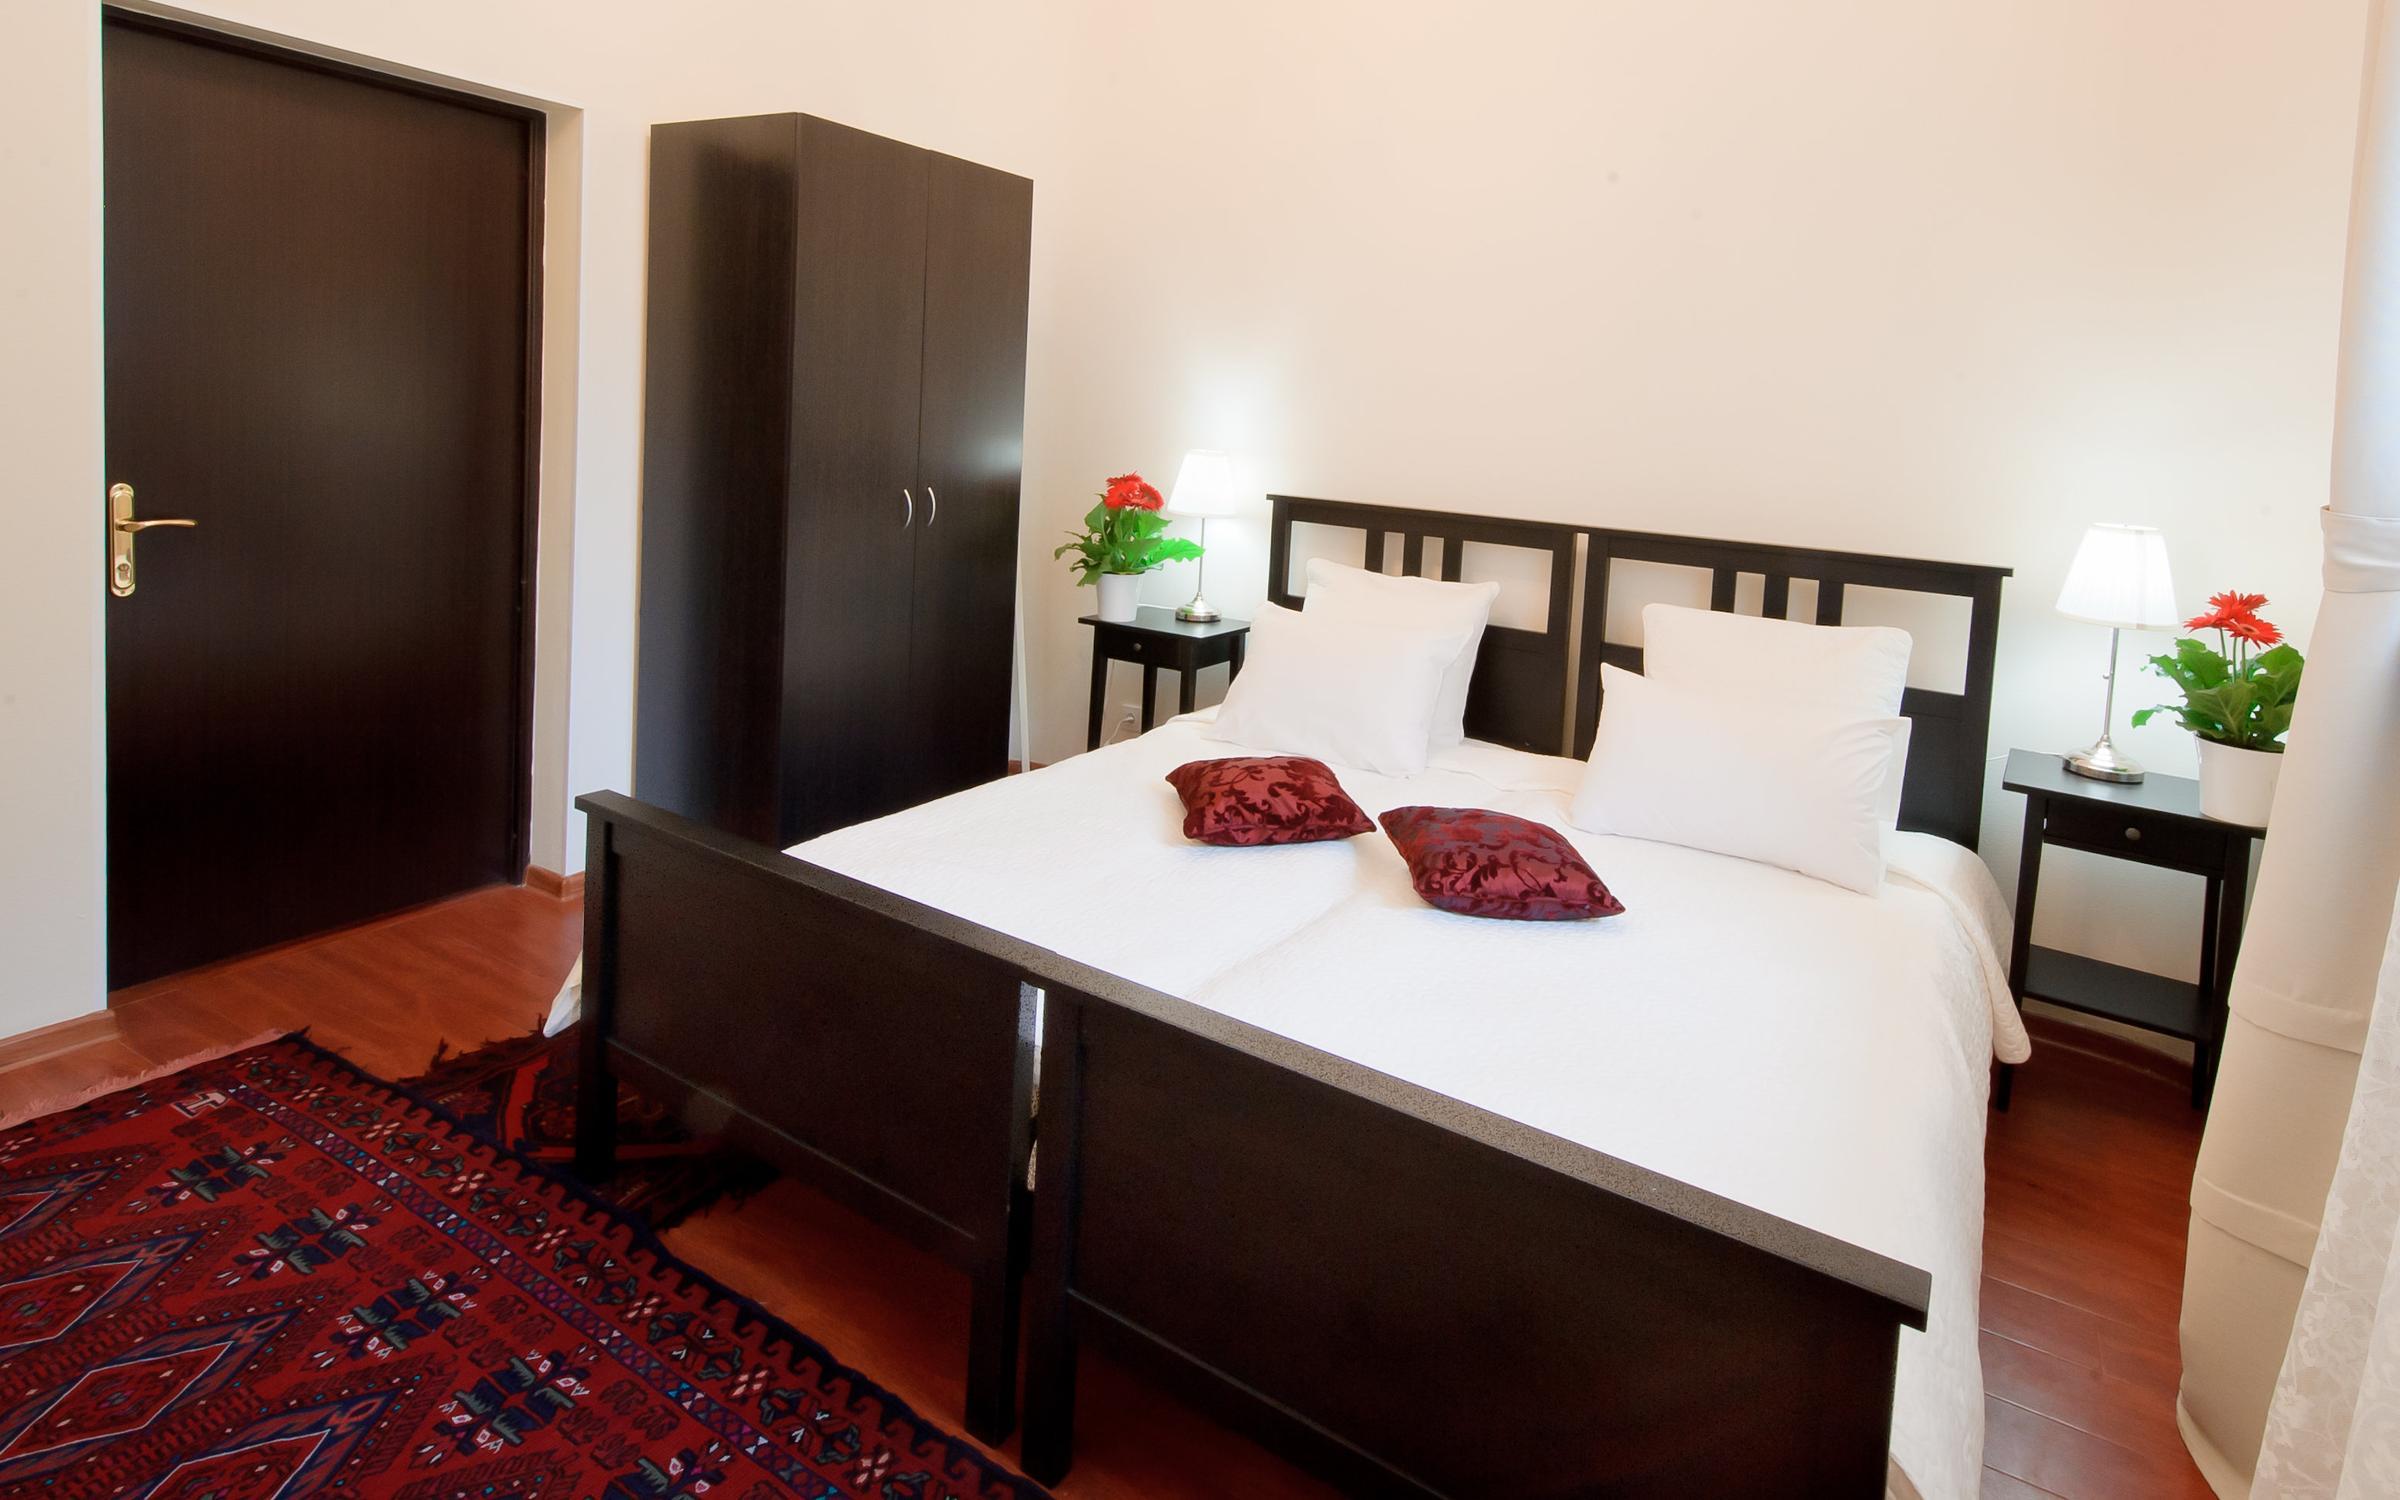 фотография Мини-отеля Джем на Космодамианской набережной